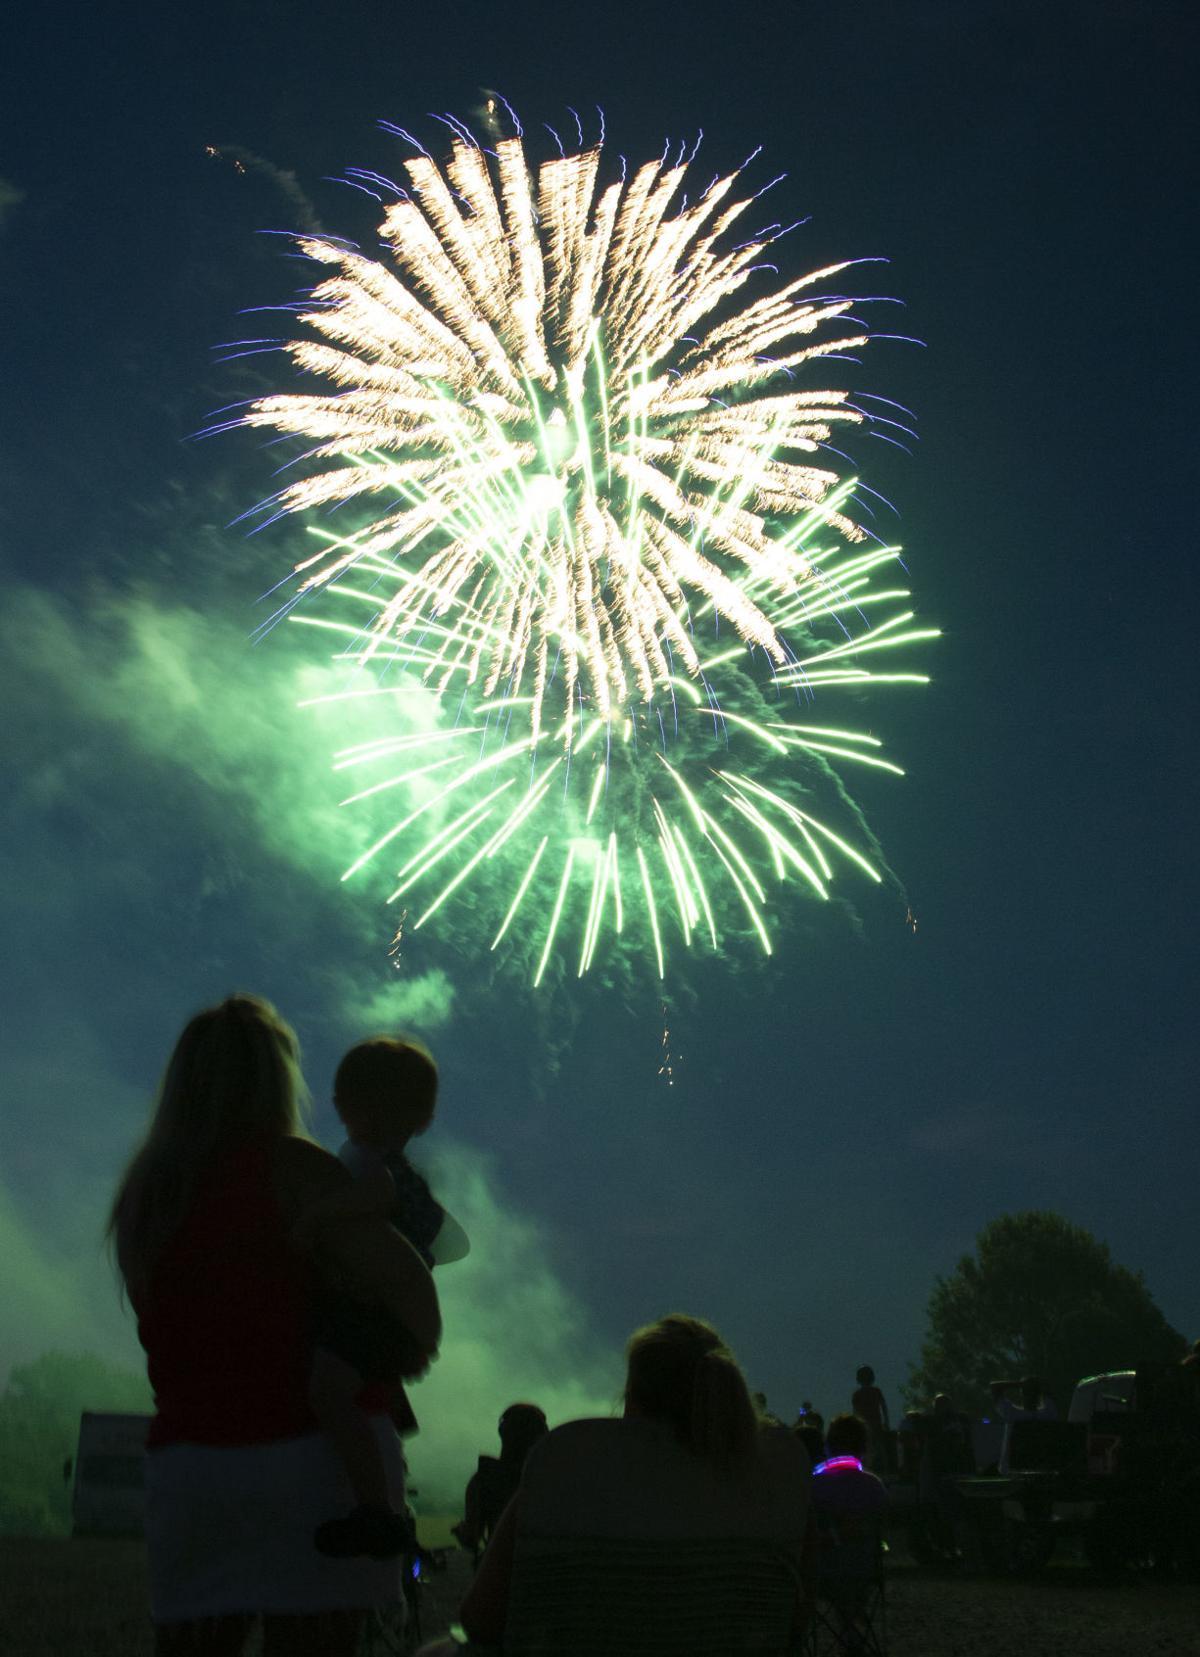 _0photo_ft_news_fireworks 13_70820.jpg